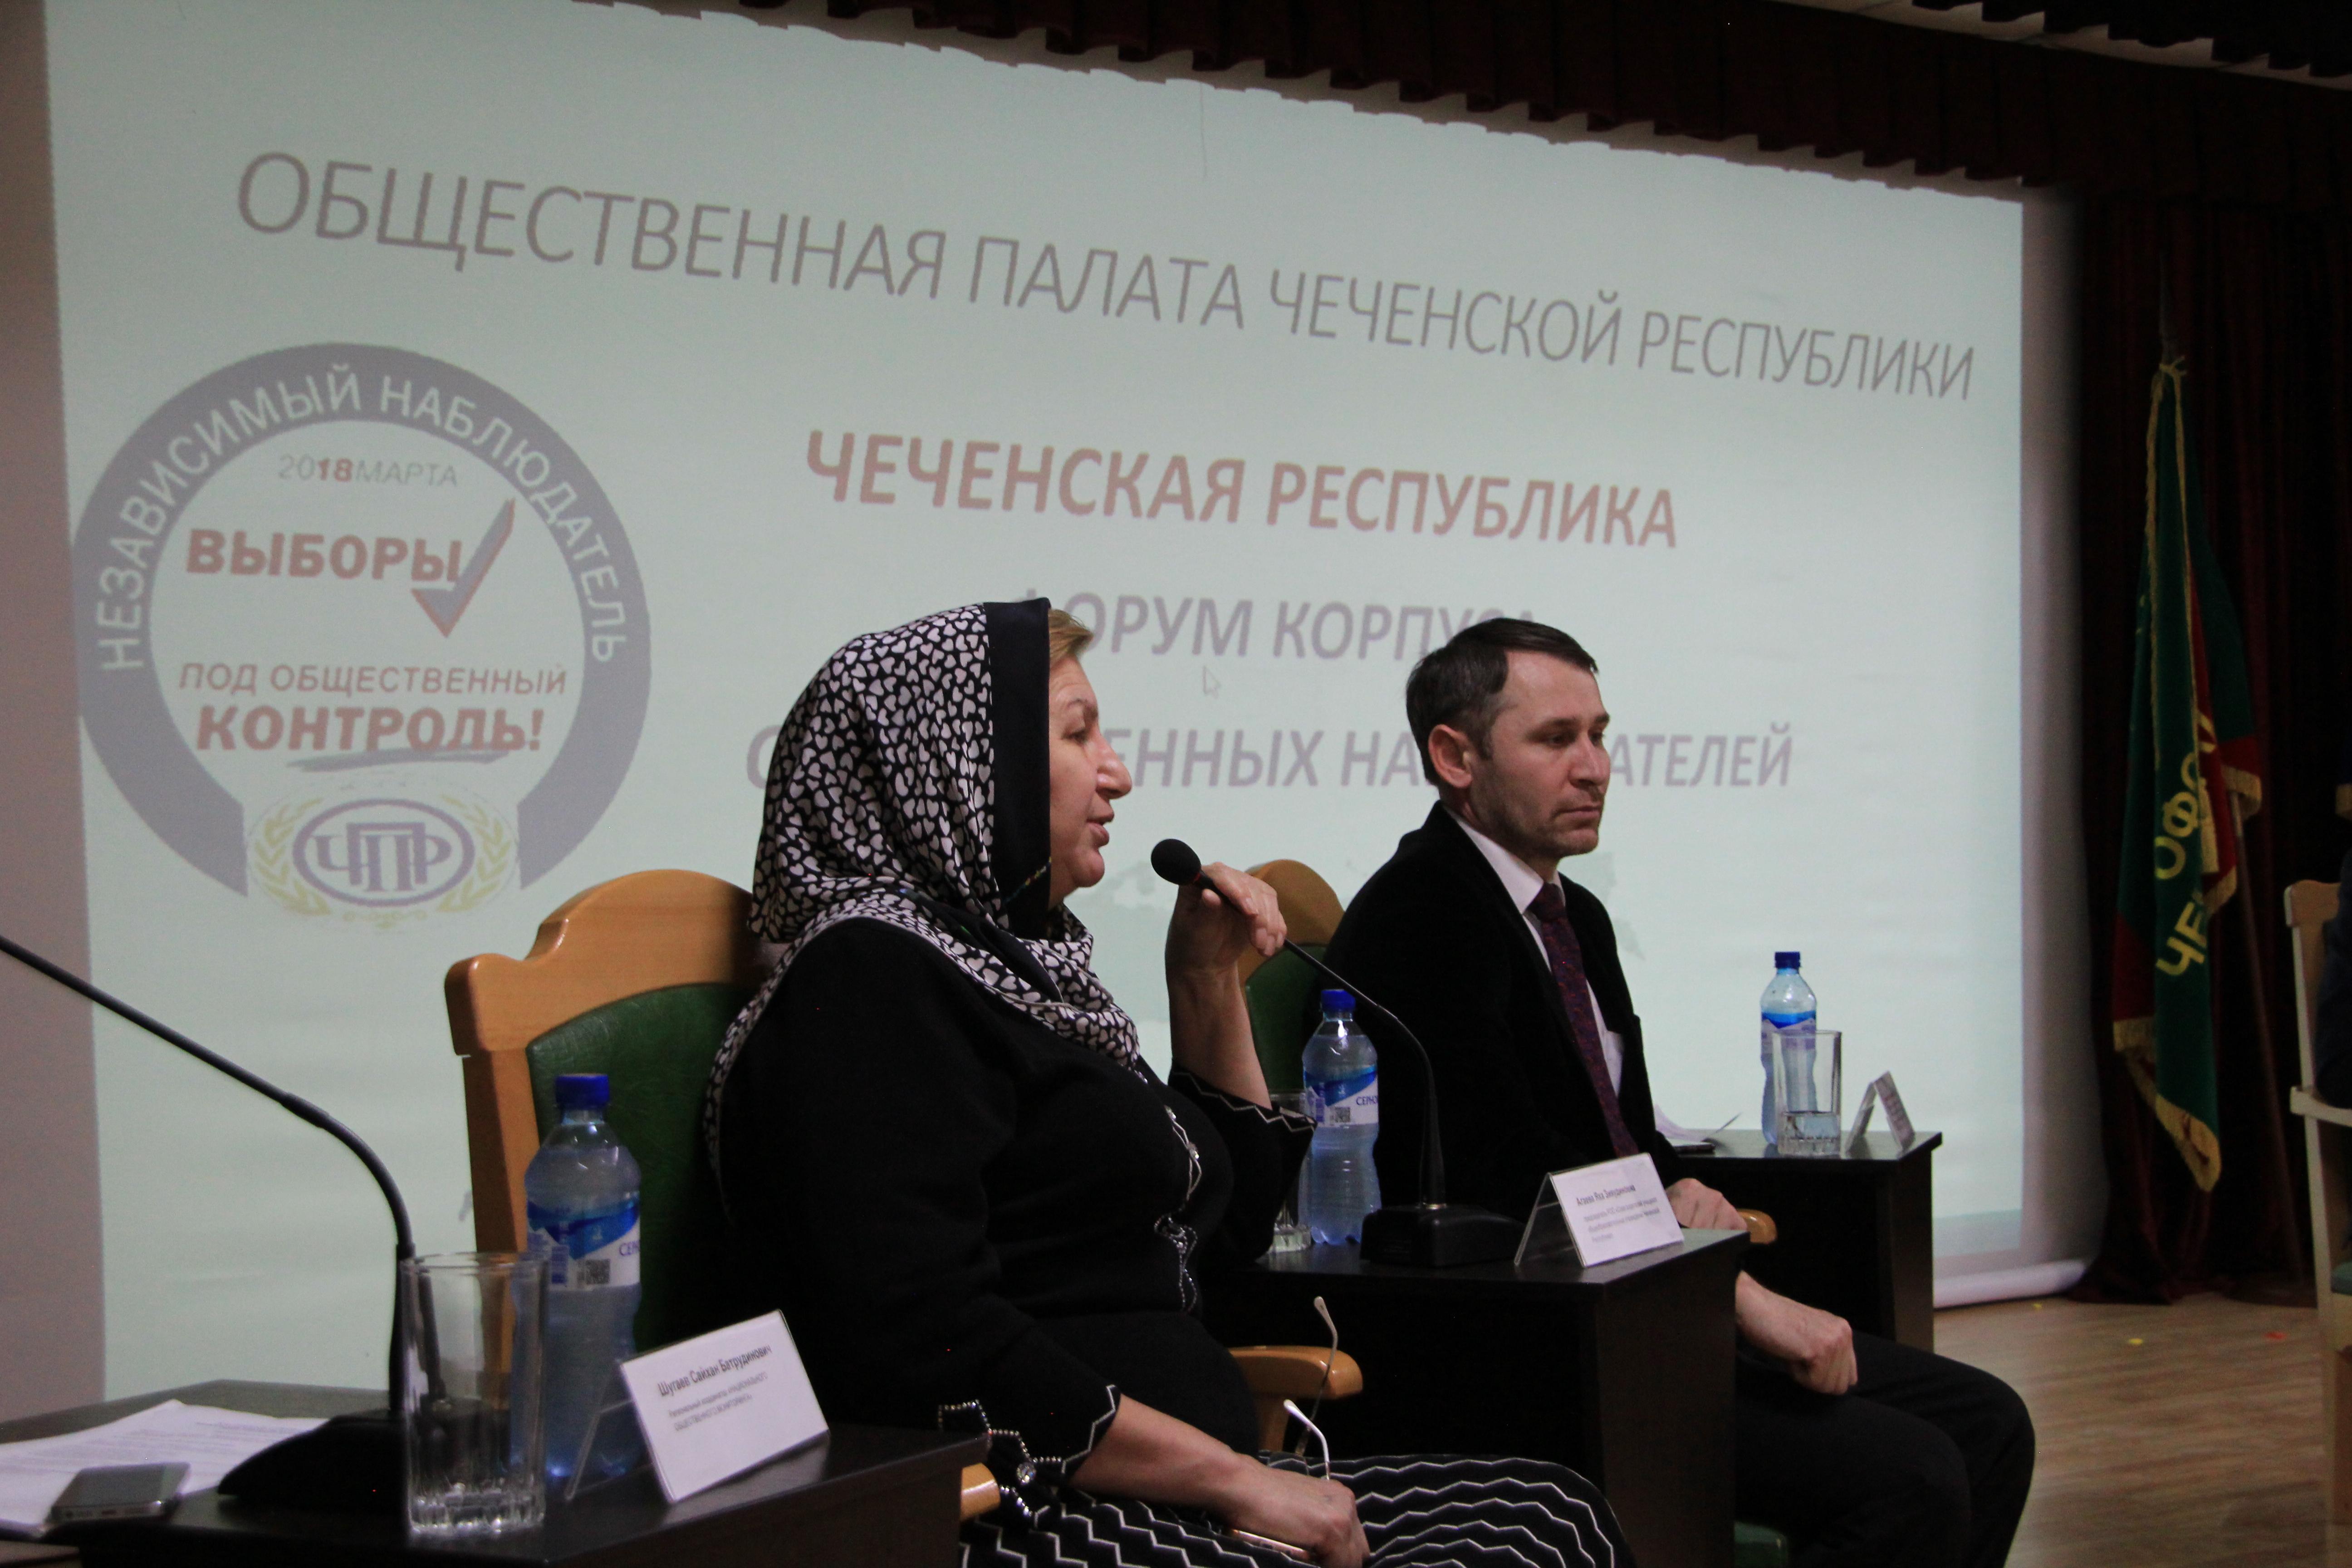 Исмаил Денильханов: «То, что удалось собрать большое количество наблюдателей – это показатель зрелости гражданского общества Чеченской Республики»